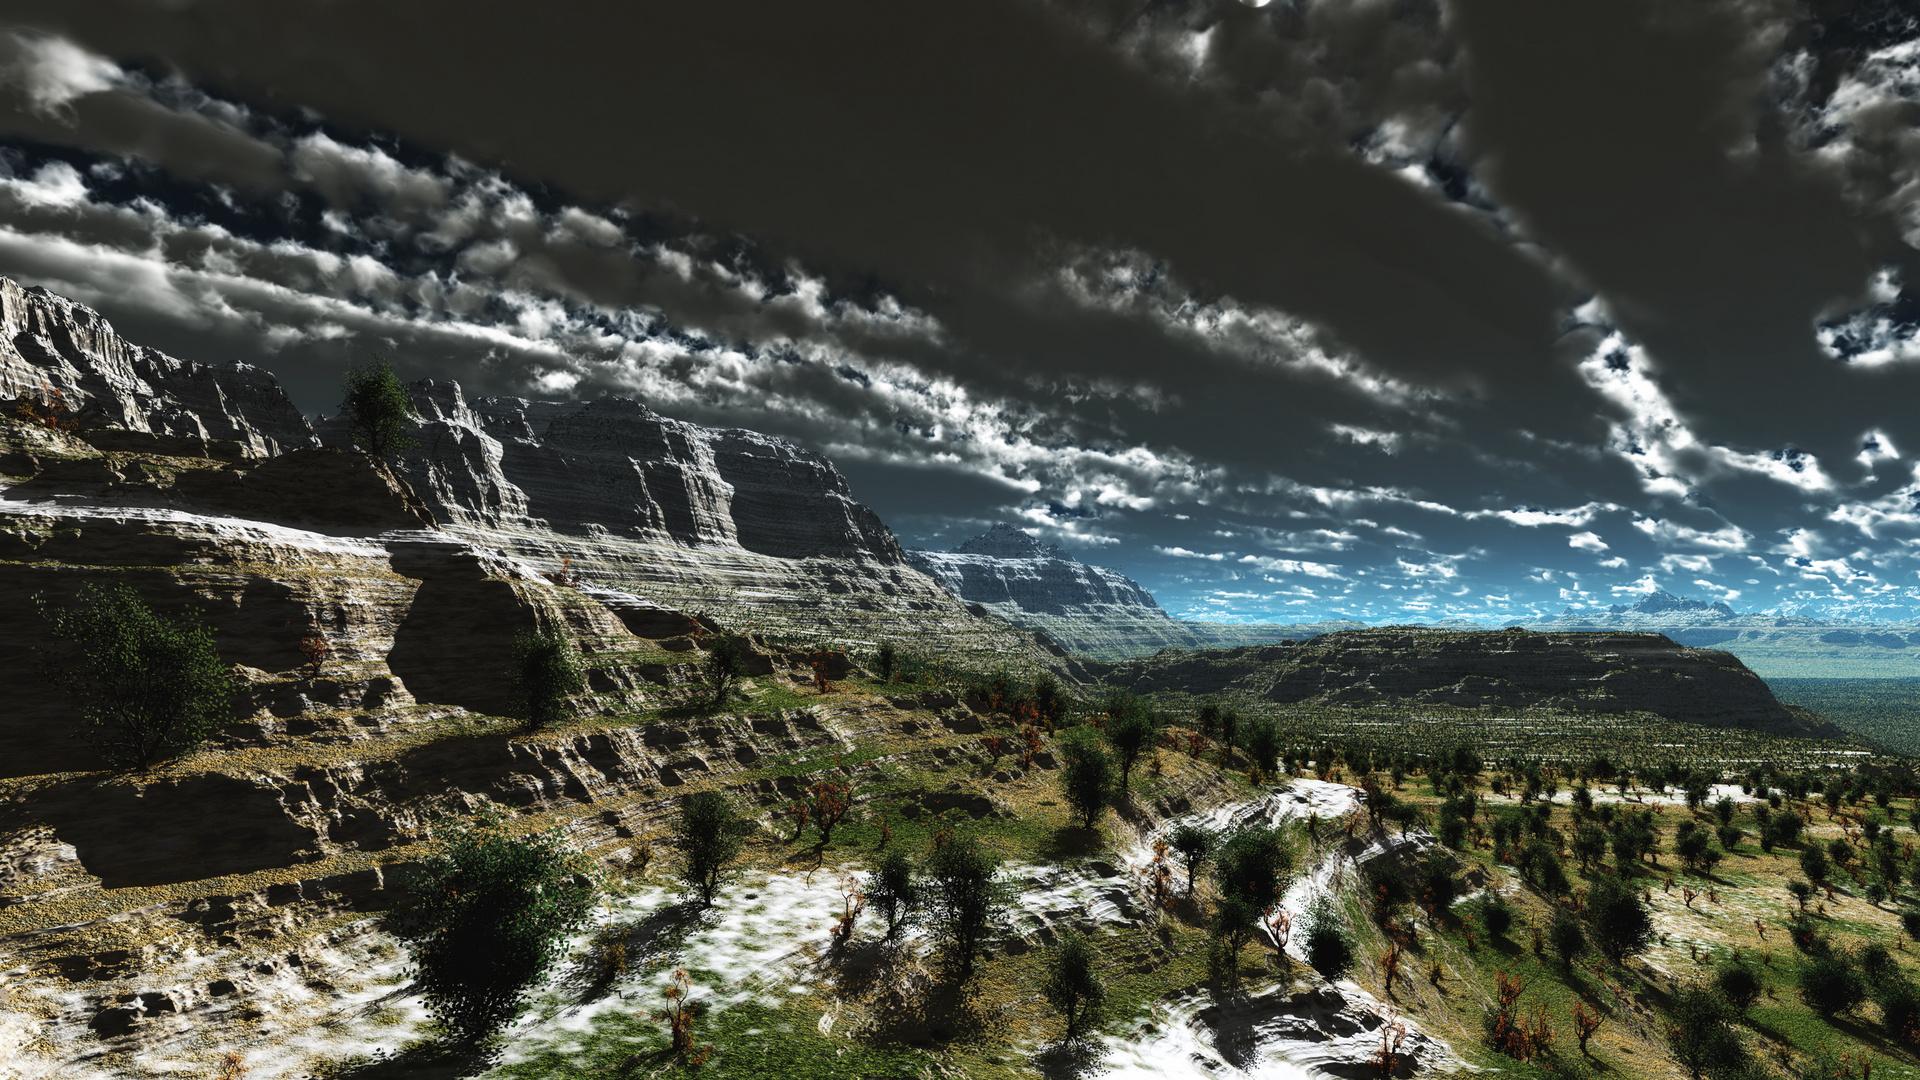 landscape_08